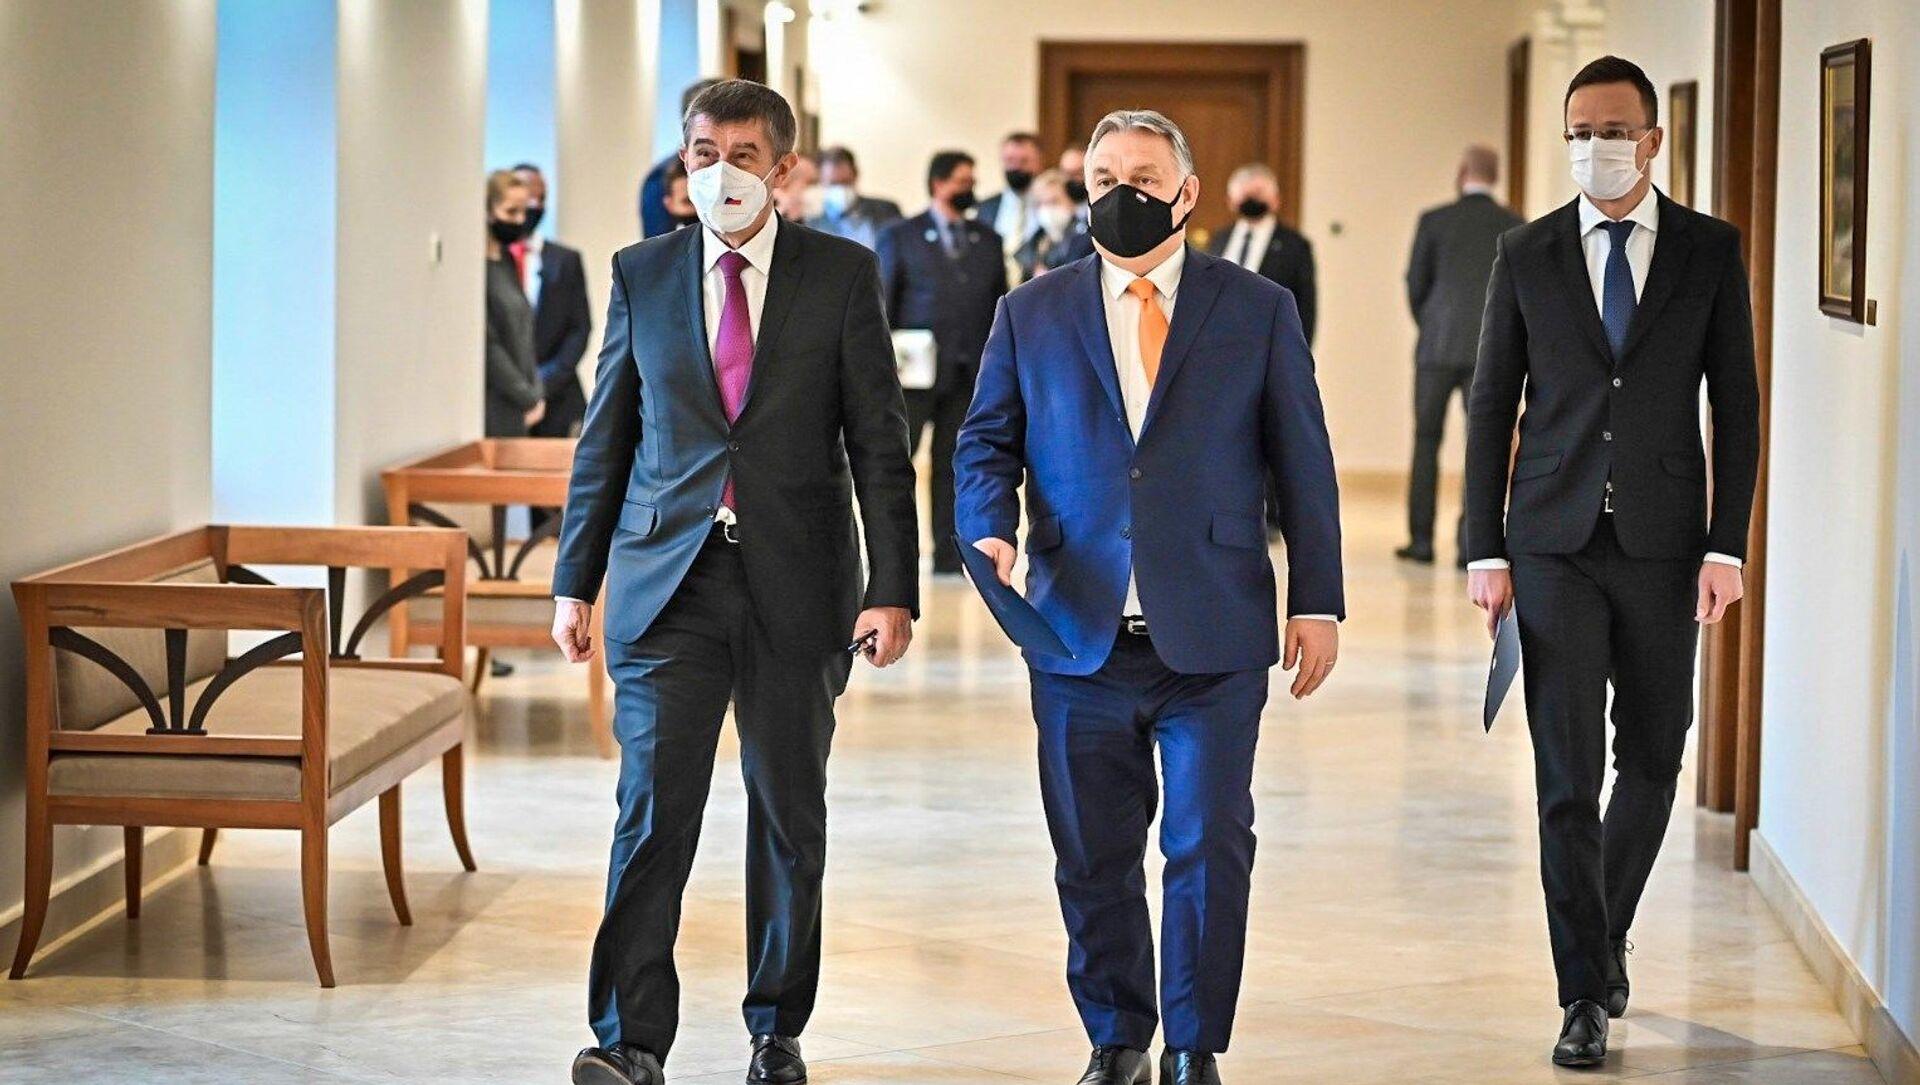 Il primo ministro ceco Andrej Babis e il primo ministro ungherese Viktor Orban a Budapest - Sputnik Italia, 1920, 05.02.2021